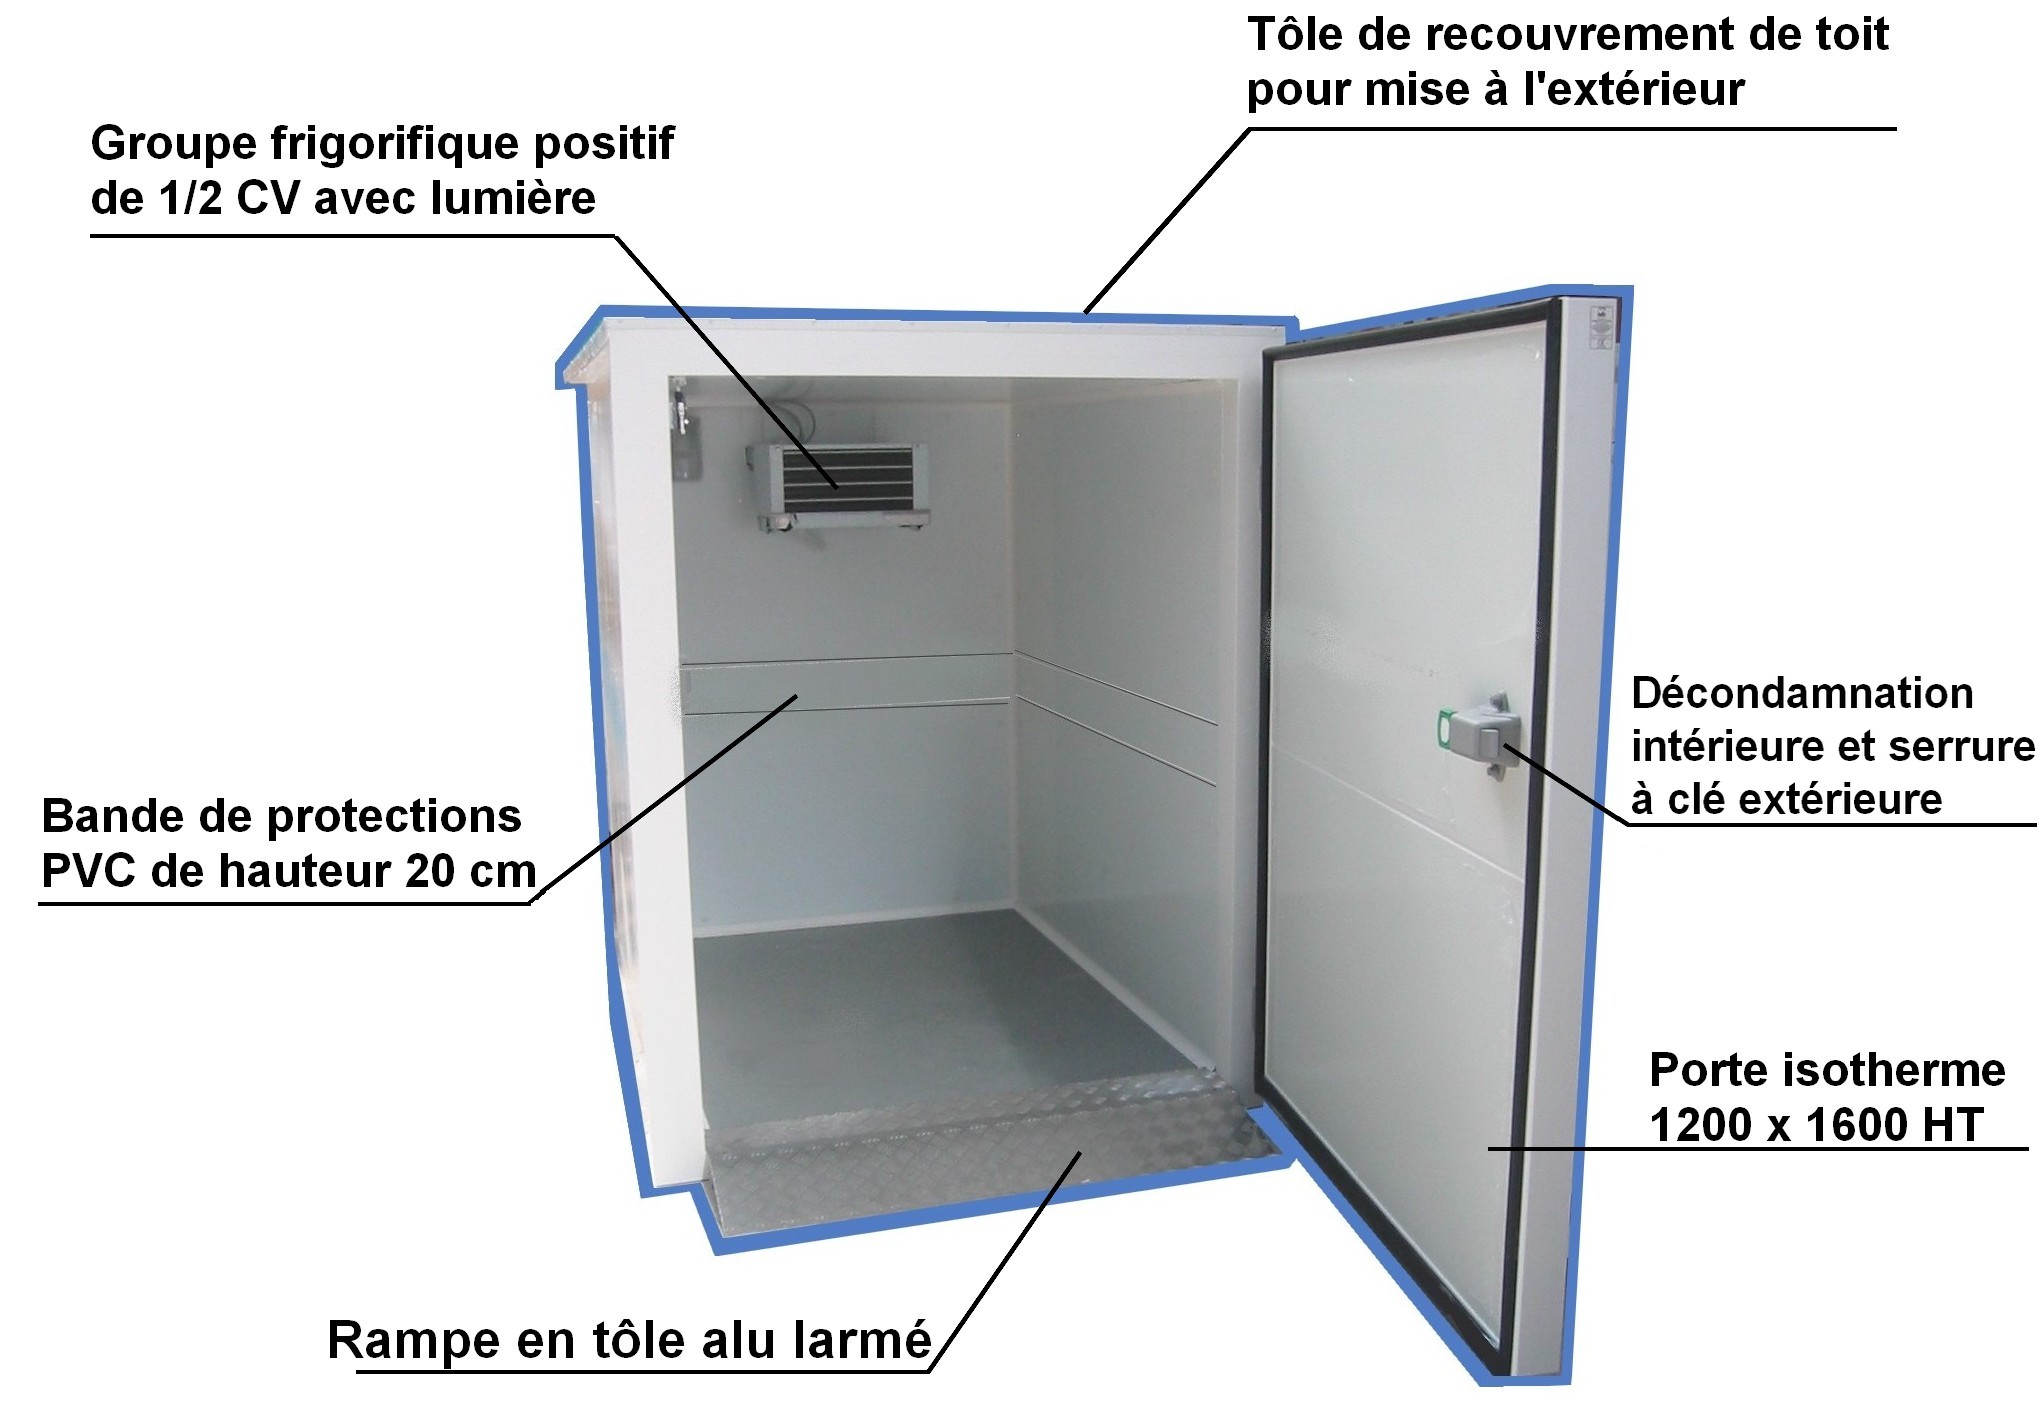 Chambre froide: pour bien conserver de la viande